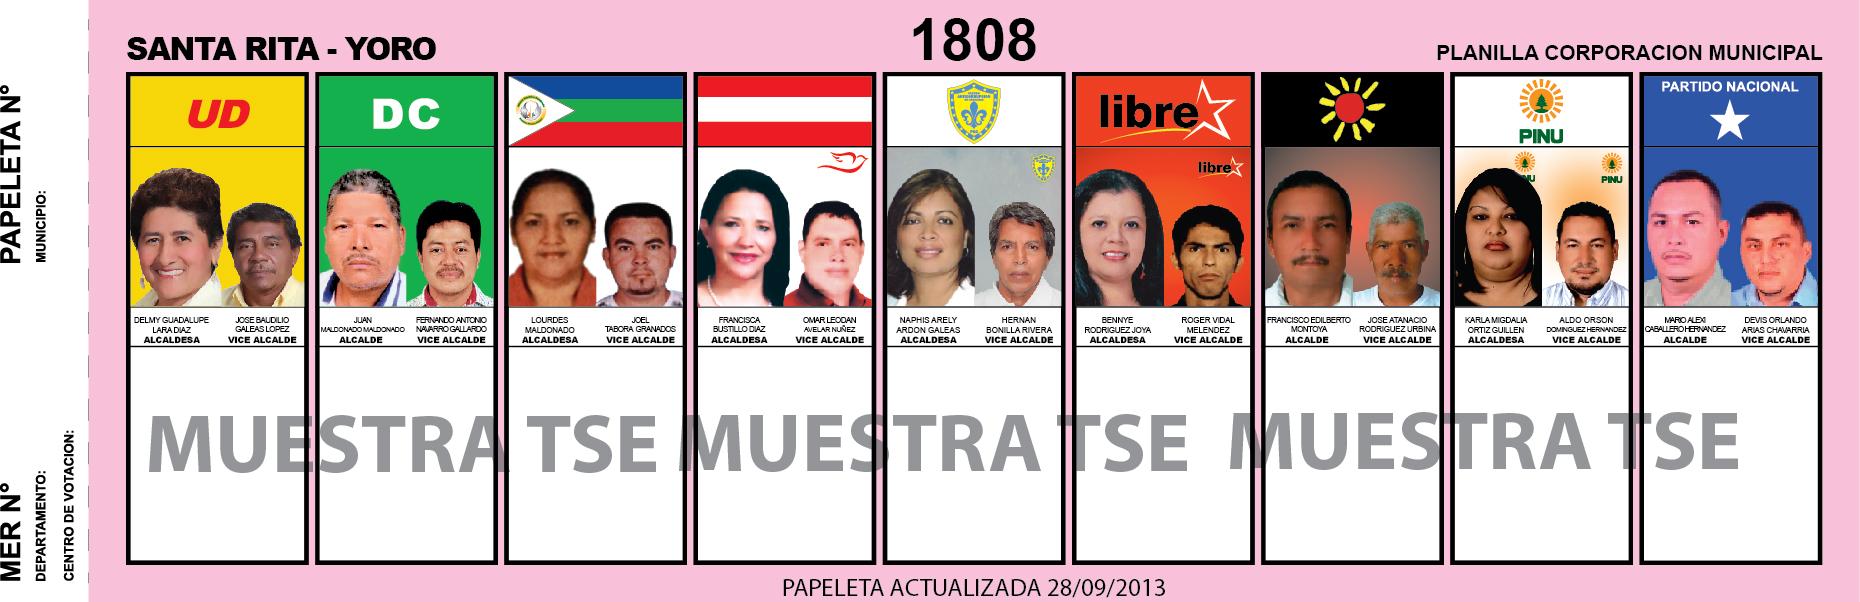 CANDIDATOS 2013 MUNICIPIO SANTA RITA - YORO - HONDURAS